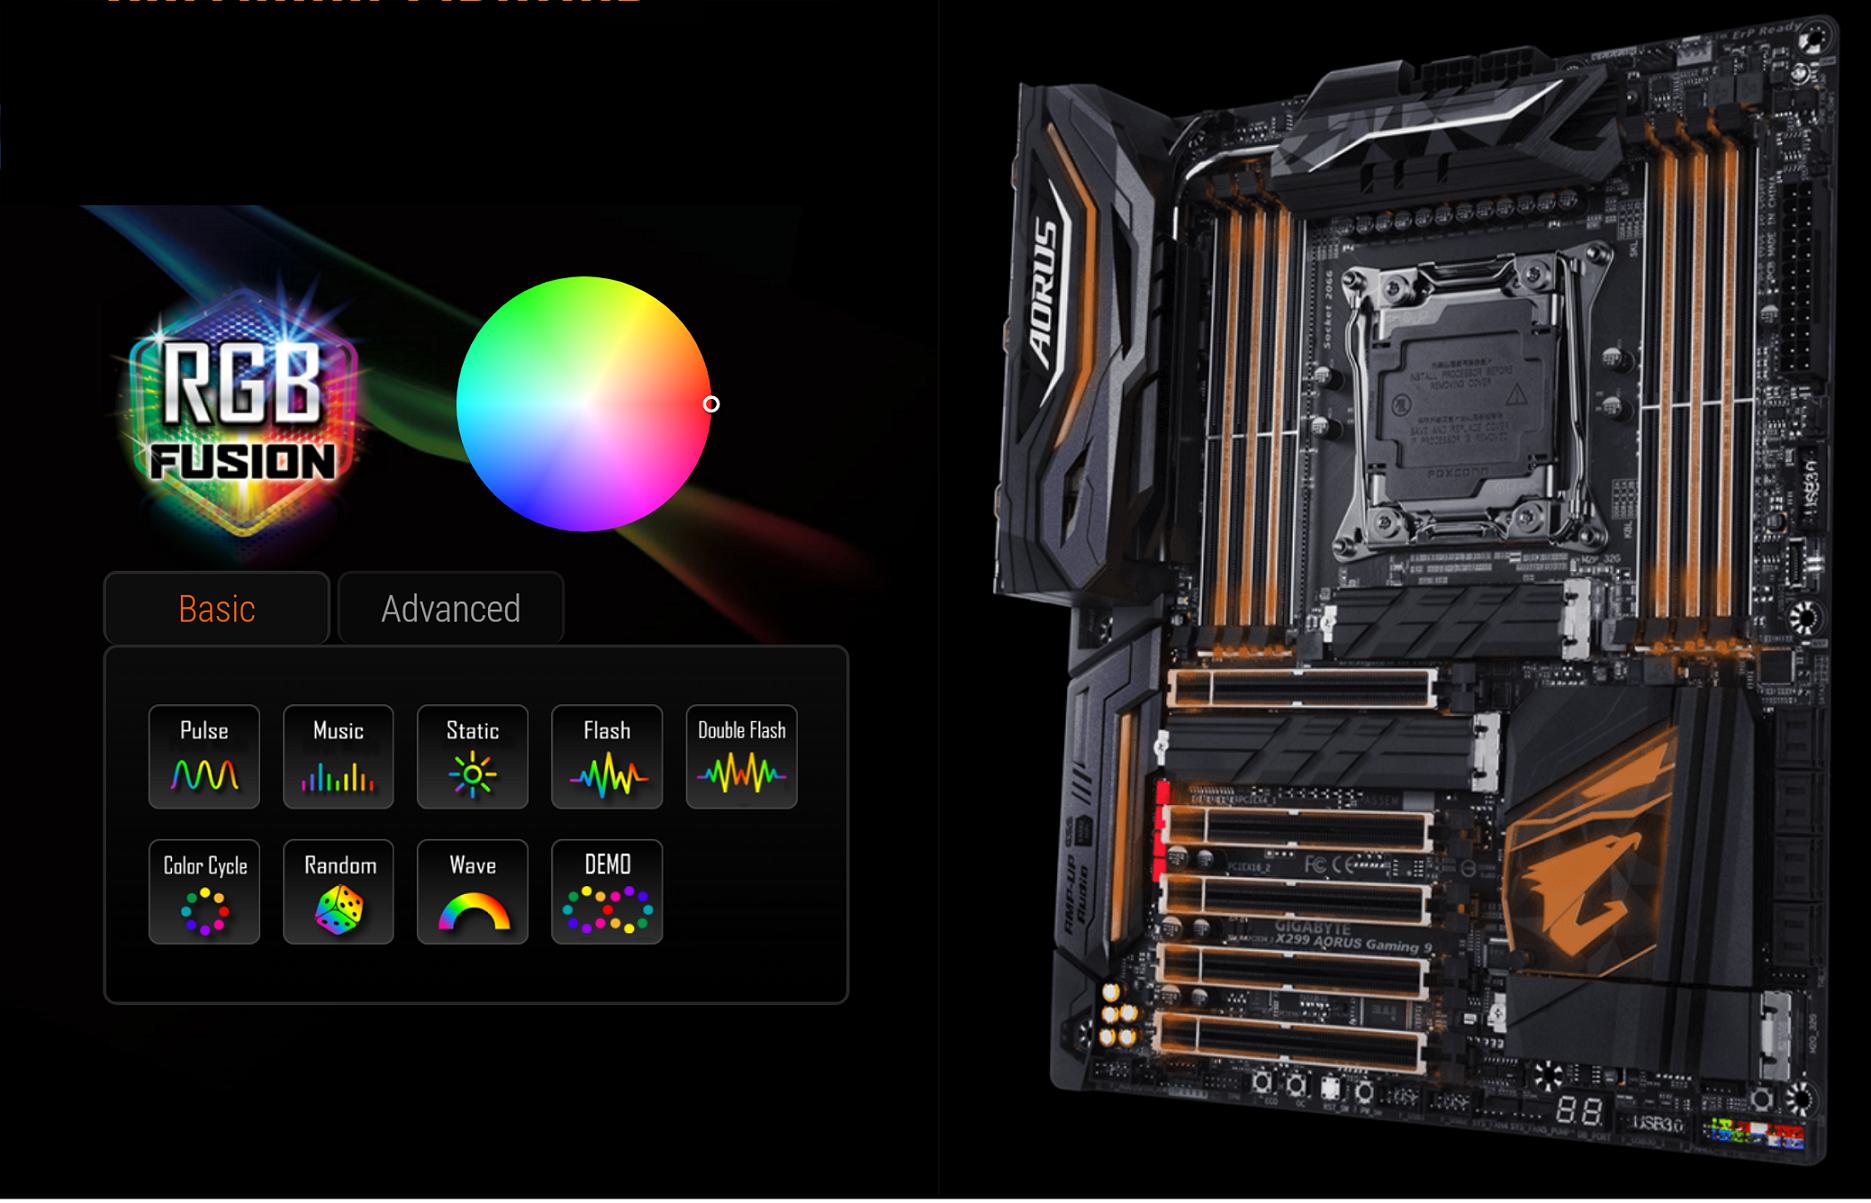 AORUS X299 Gaming 9